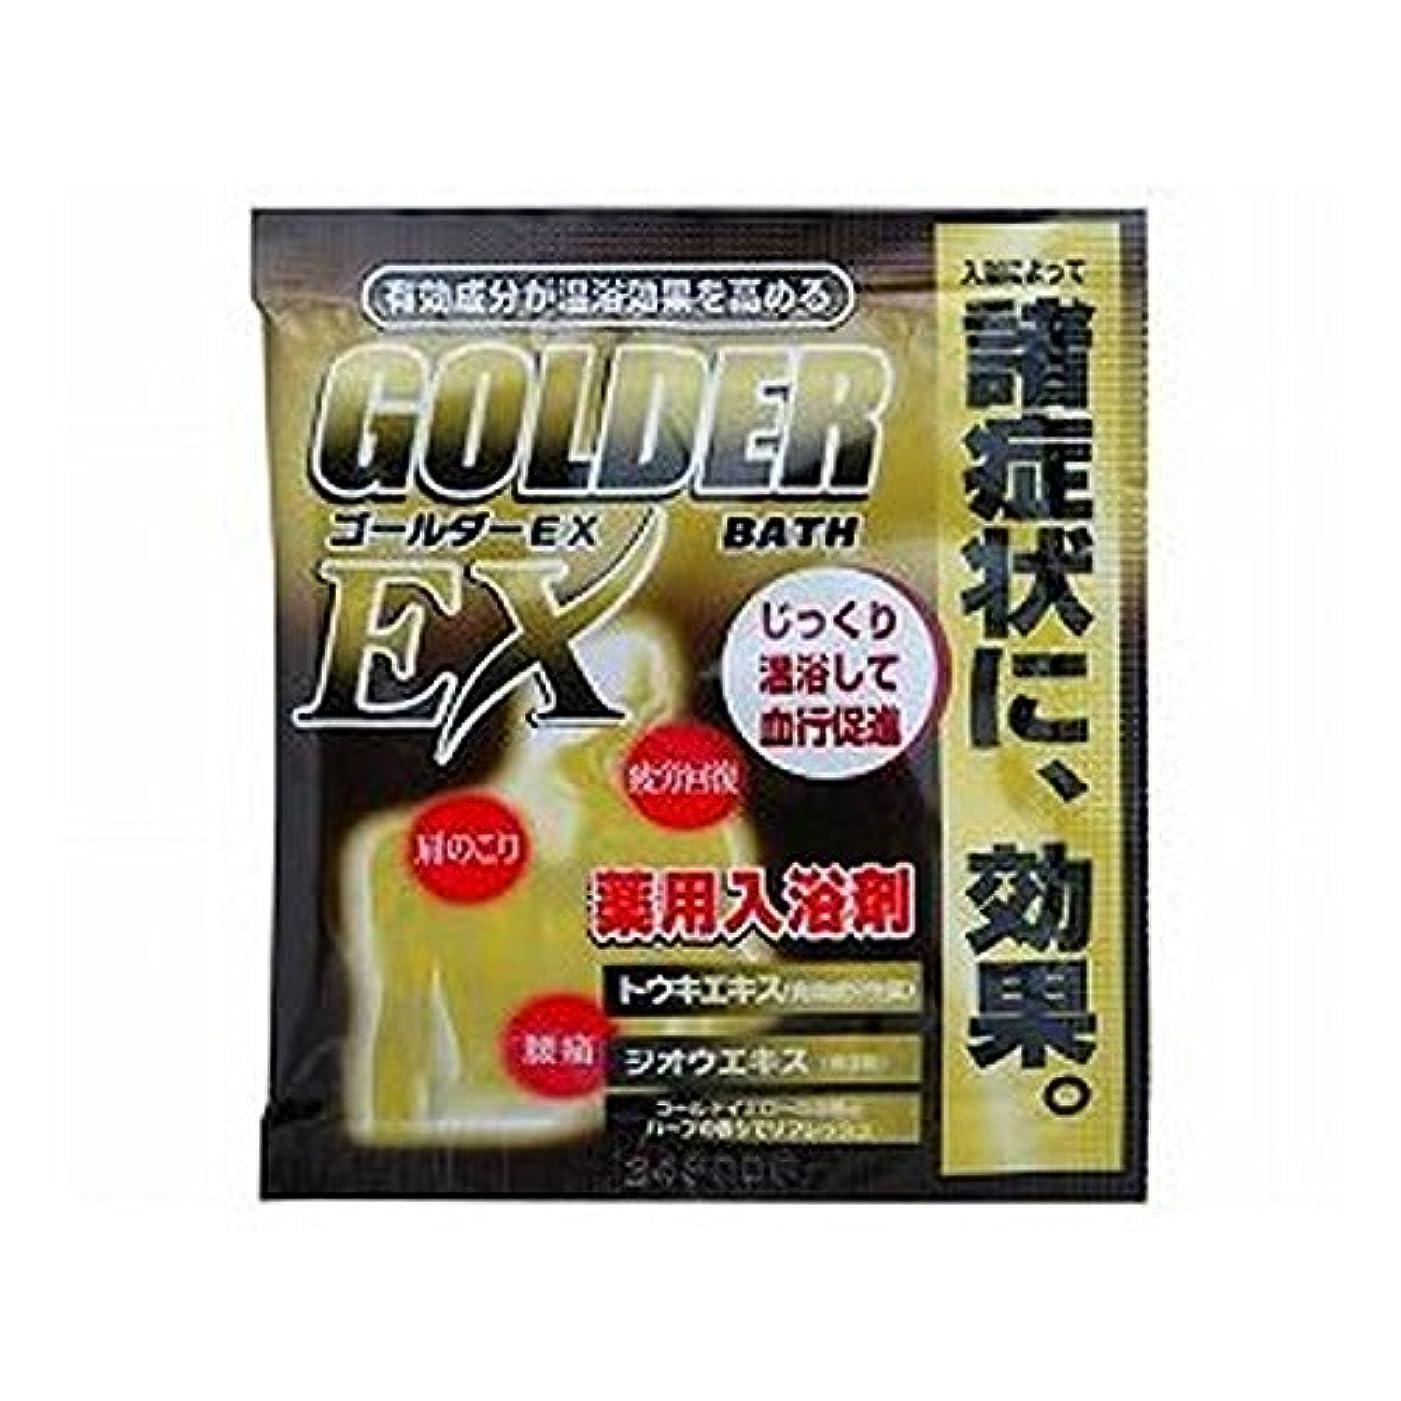 上に一致する薬局ゴールダーEX 25g(入浴剤)